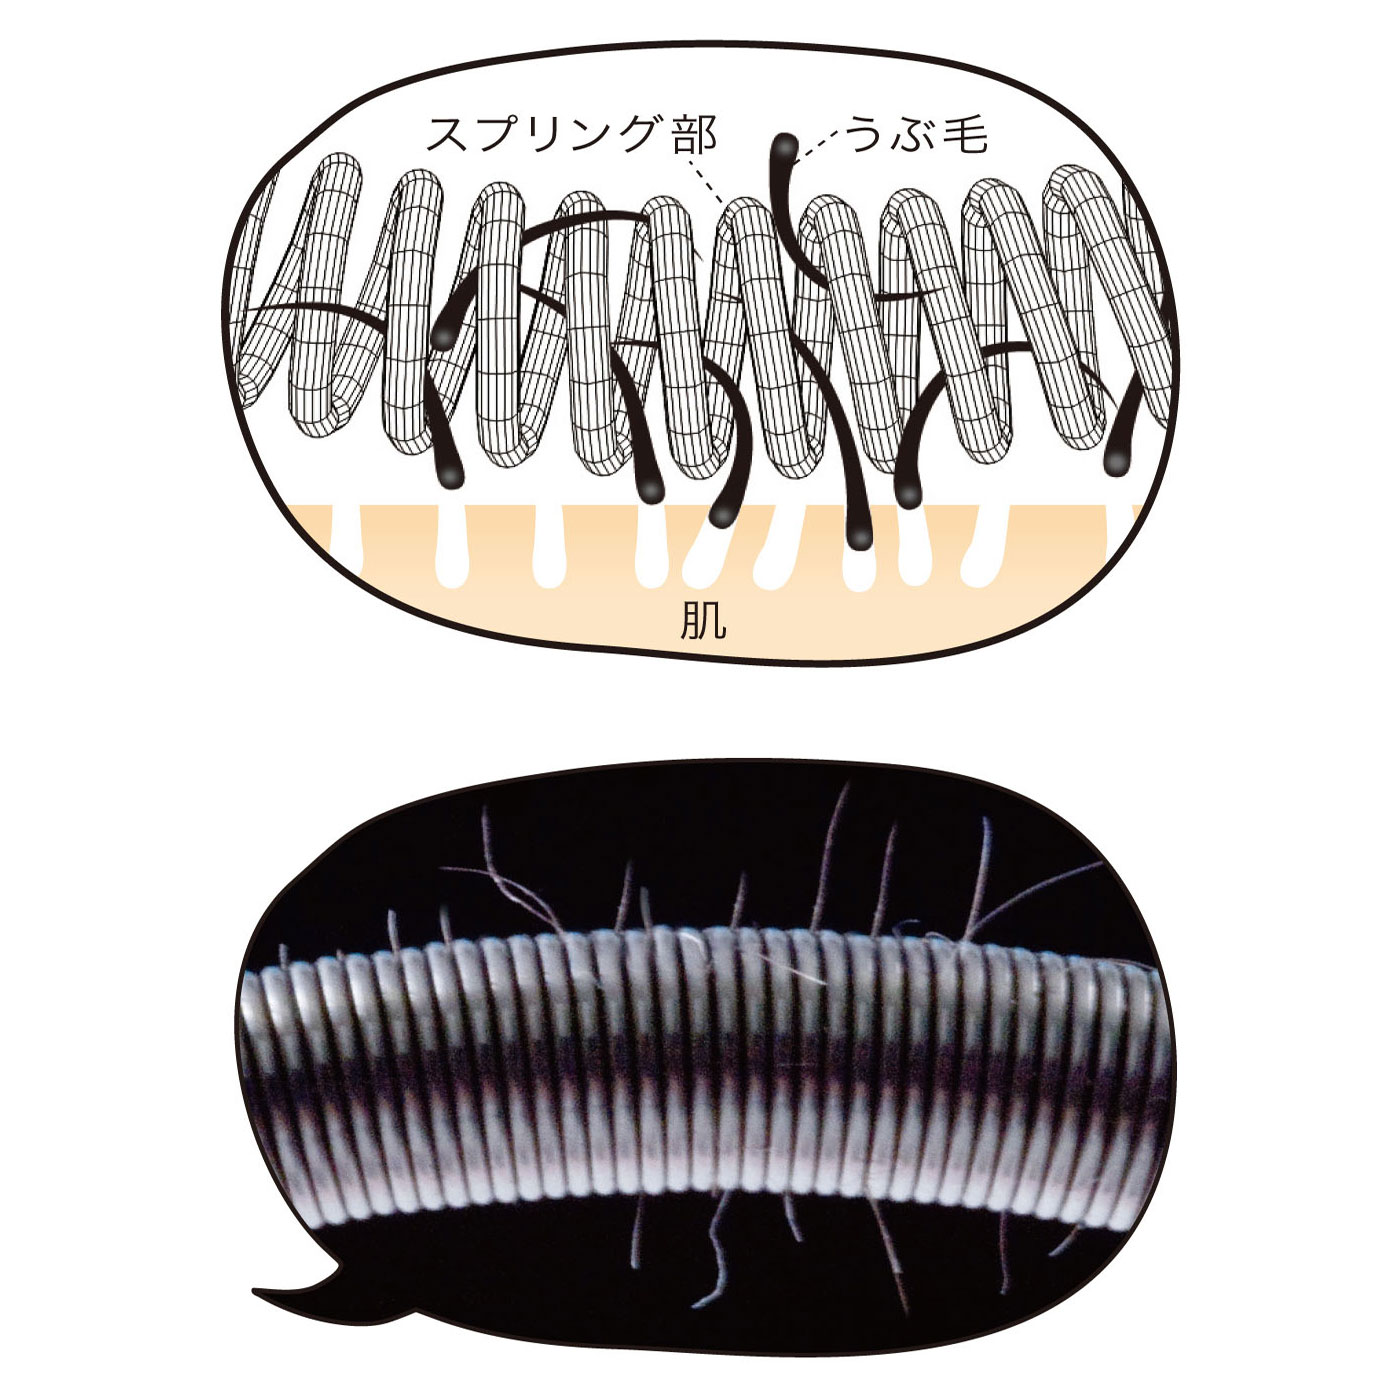 毛の流れに逆らうように転がすと、スプリング部がうぶ毛を巻き込みながら抜いていきます。